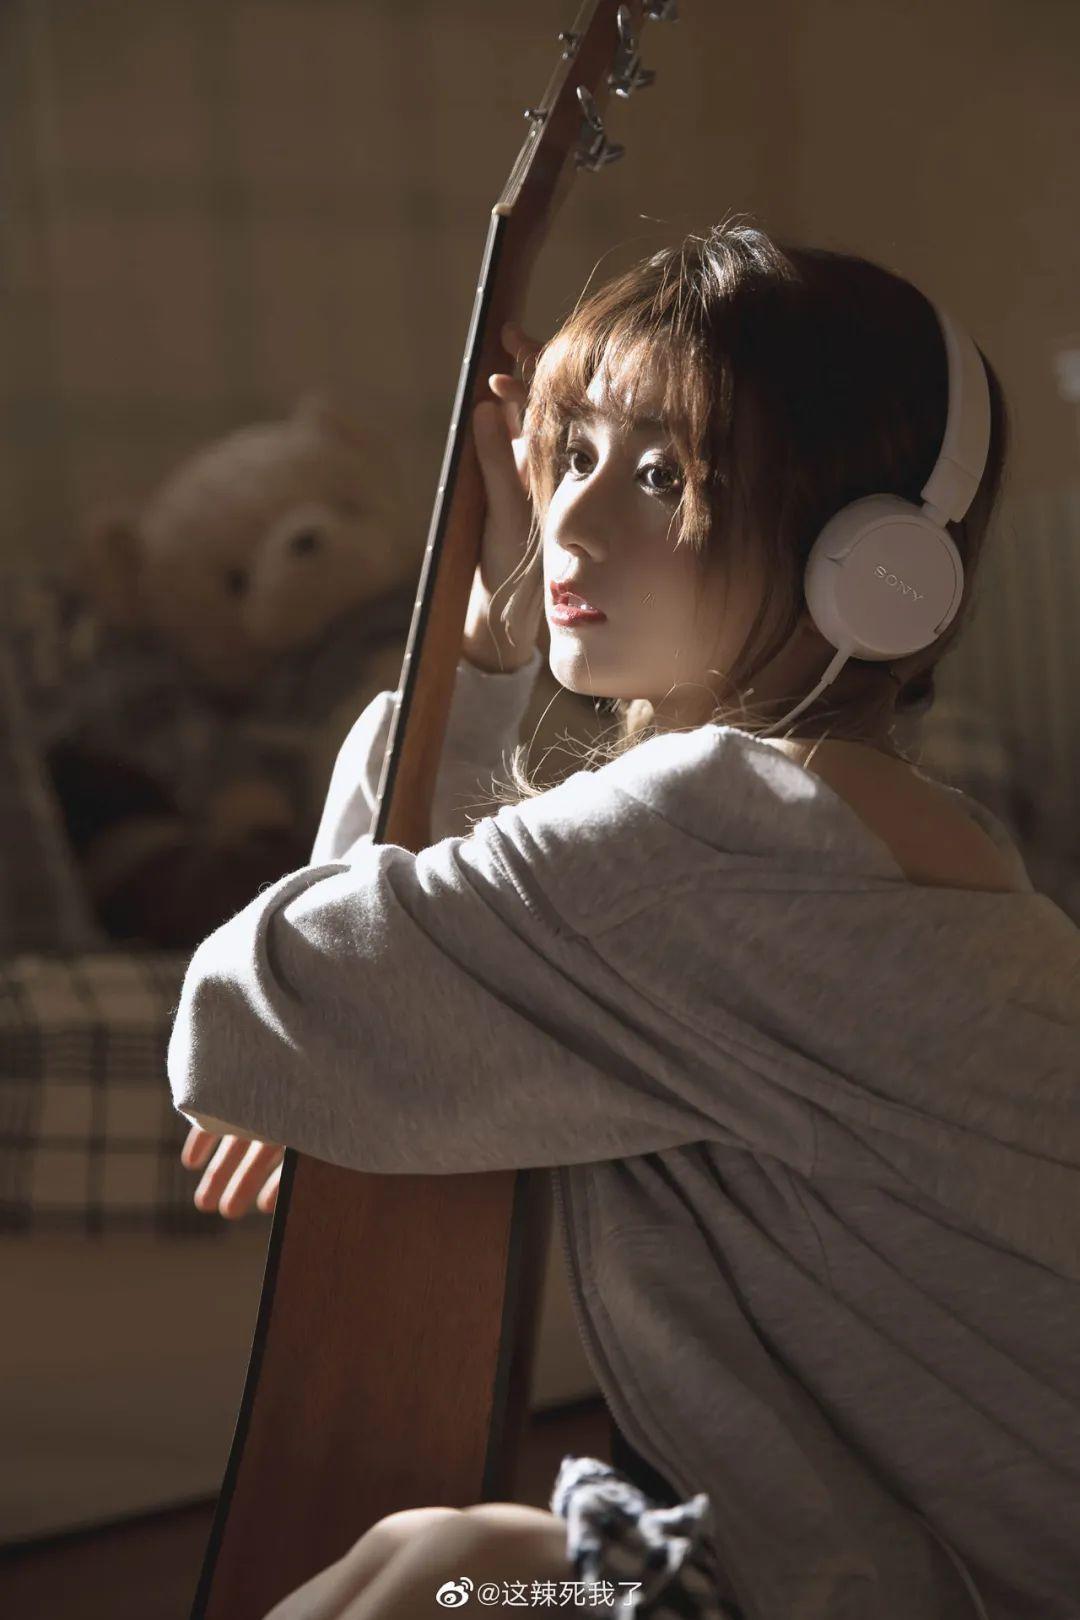 妹子摄影 – 爱学习的邻家女孩,卫衣搭配格子连衣裙_图片 No.5